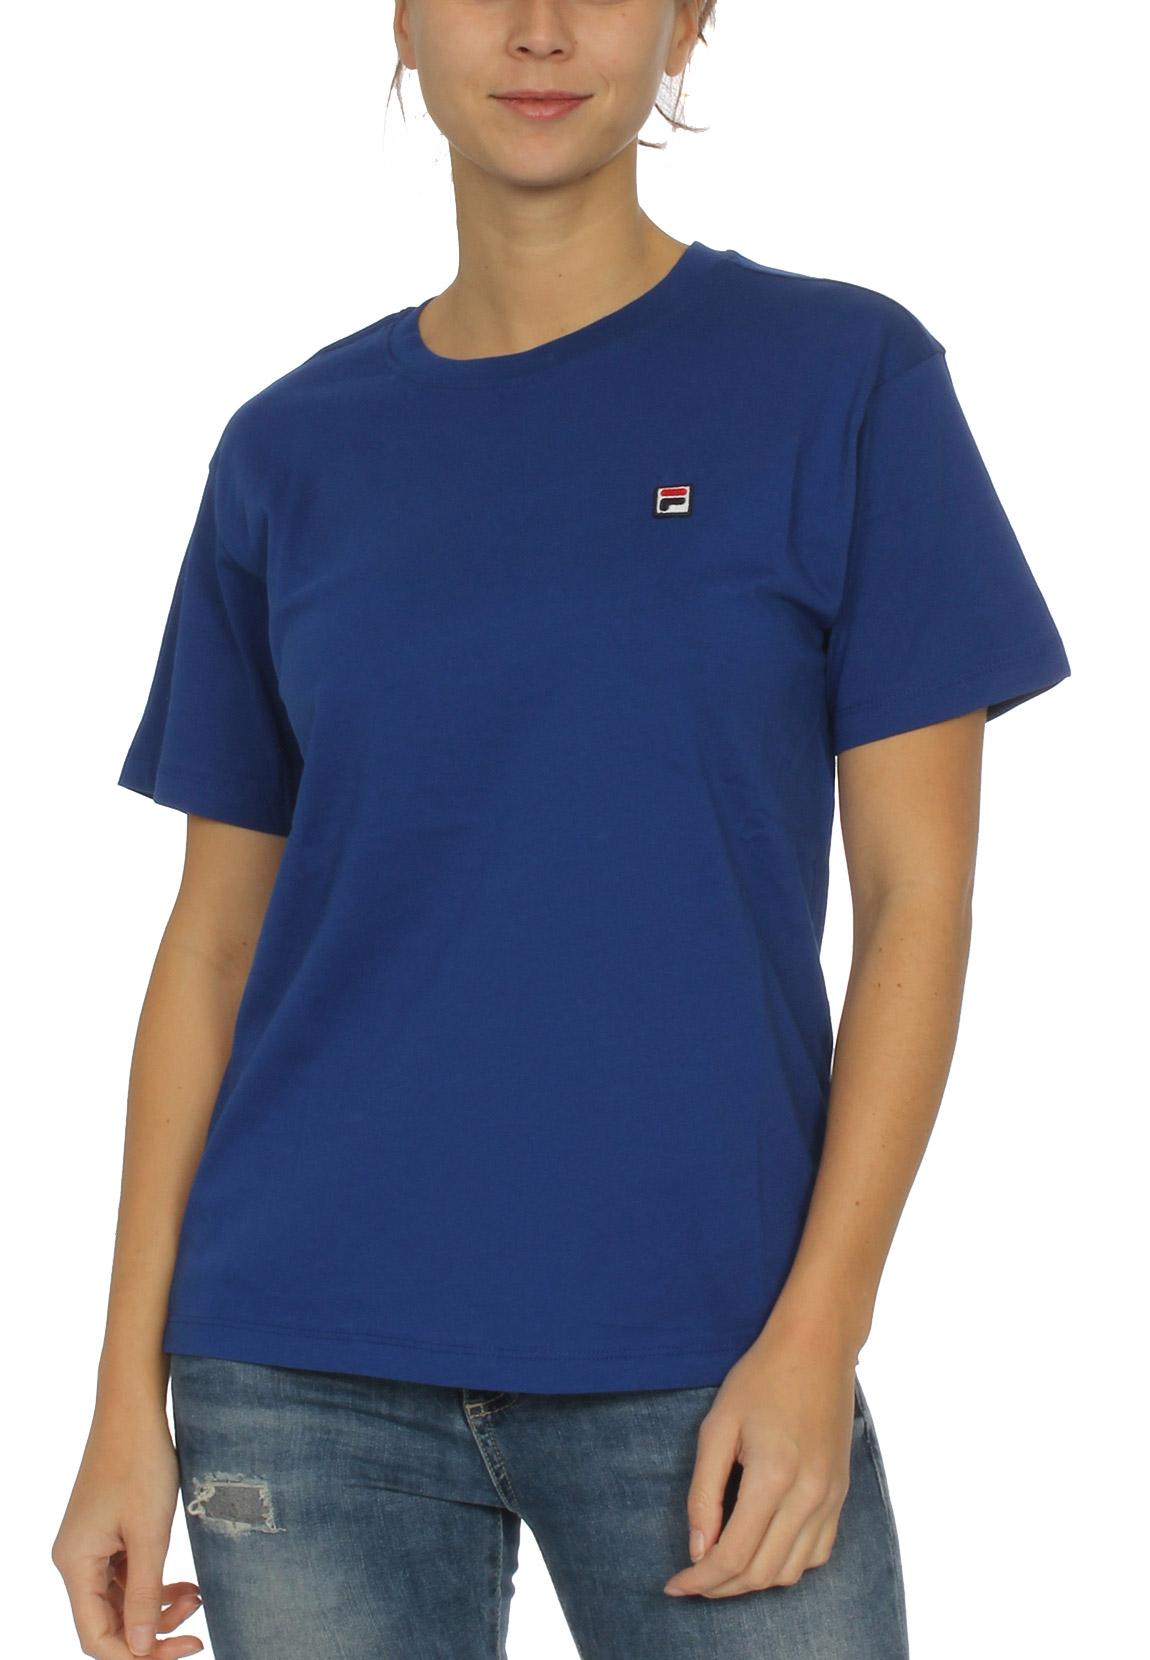 Fila T Shirt Damen WOMEN NOVA TEE 682319 Blau 949 Sodalite blue Royalblau